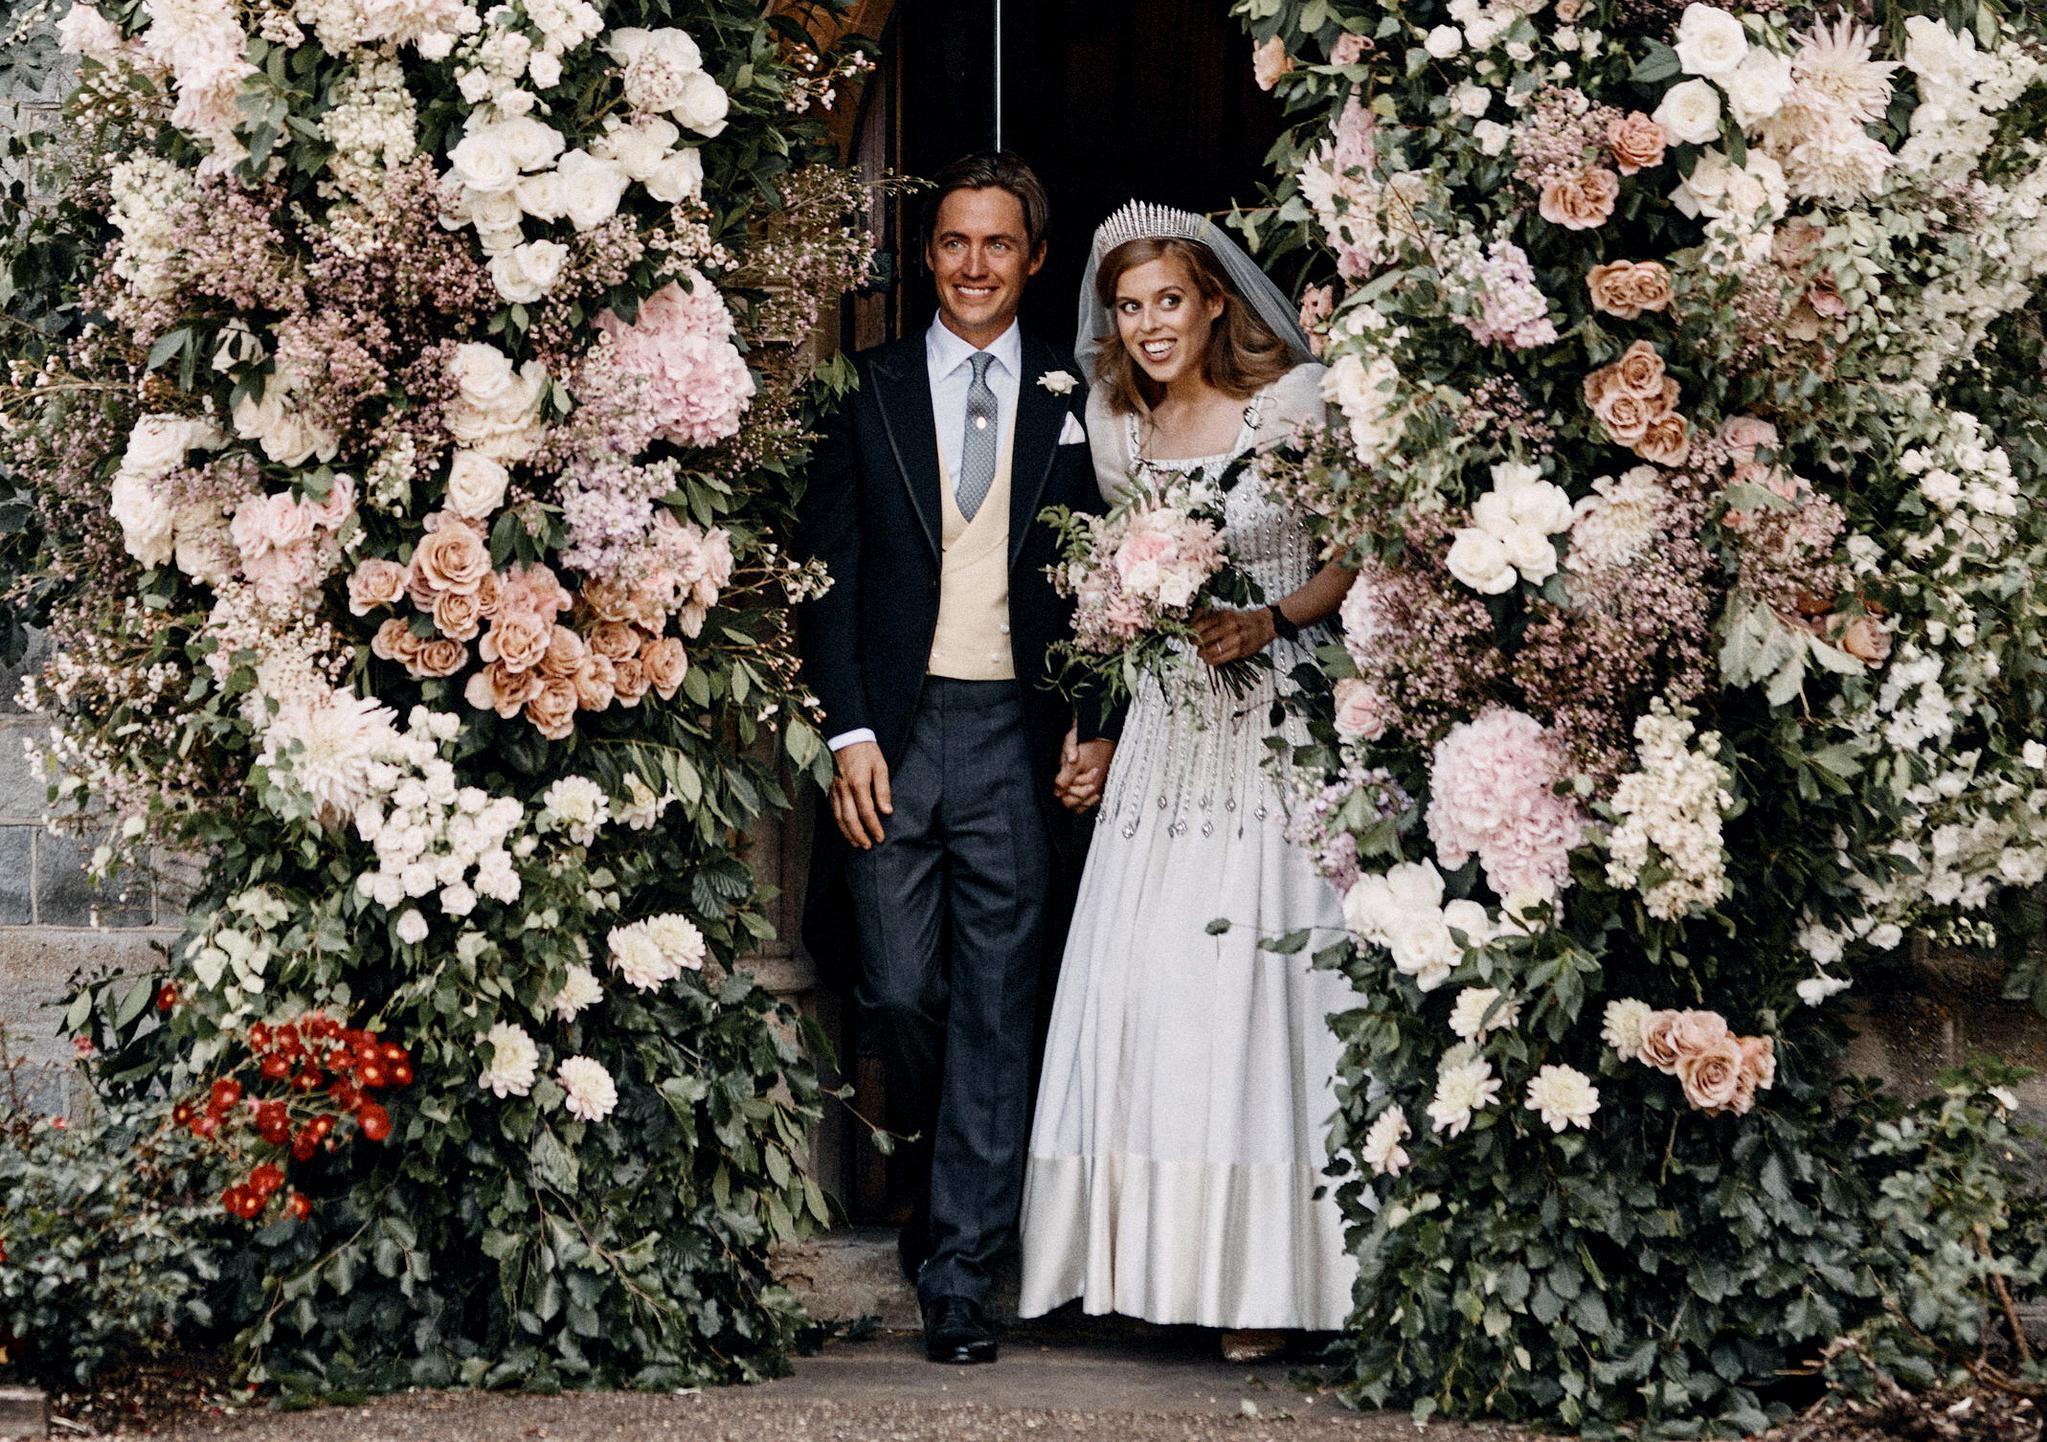 [서소문사진관] 영국 공주 베아트리체, 할머니 엘리자베스 드레스 입고 웨딩 마치